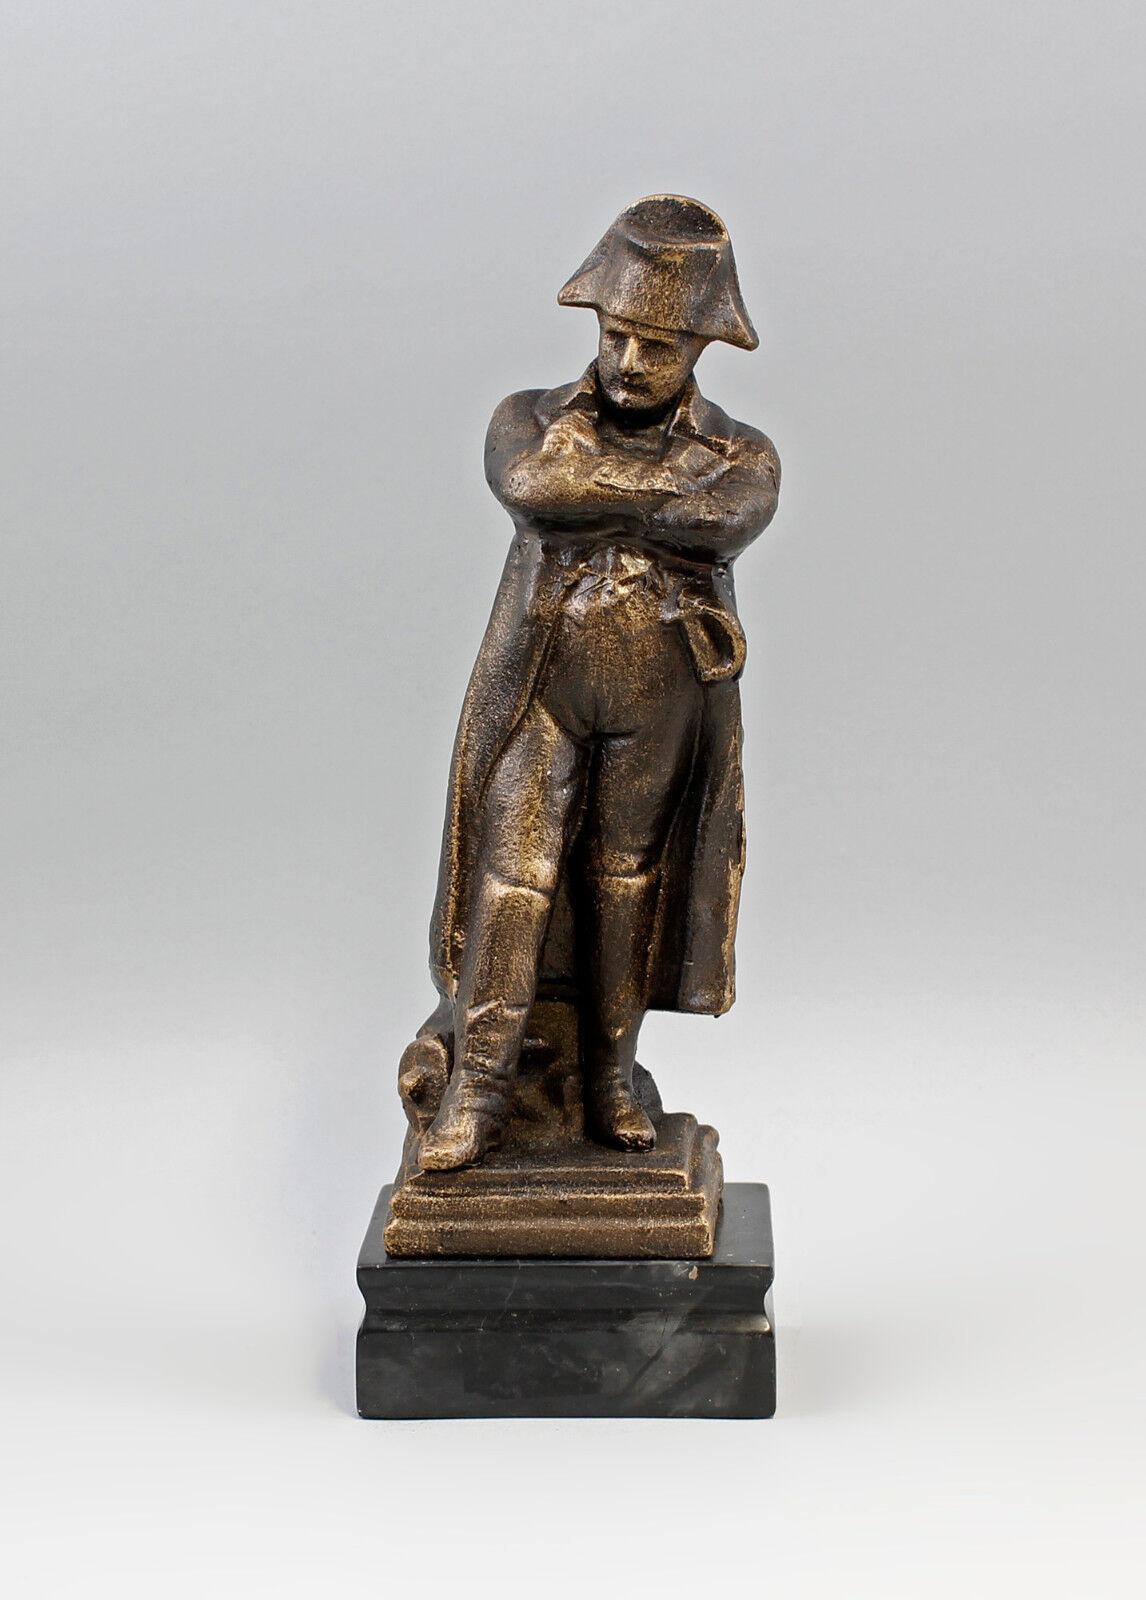 9973099-ds escultura de hierro personaje Napoleón grob fundido h31cm